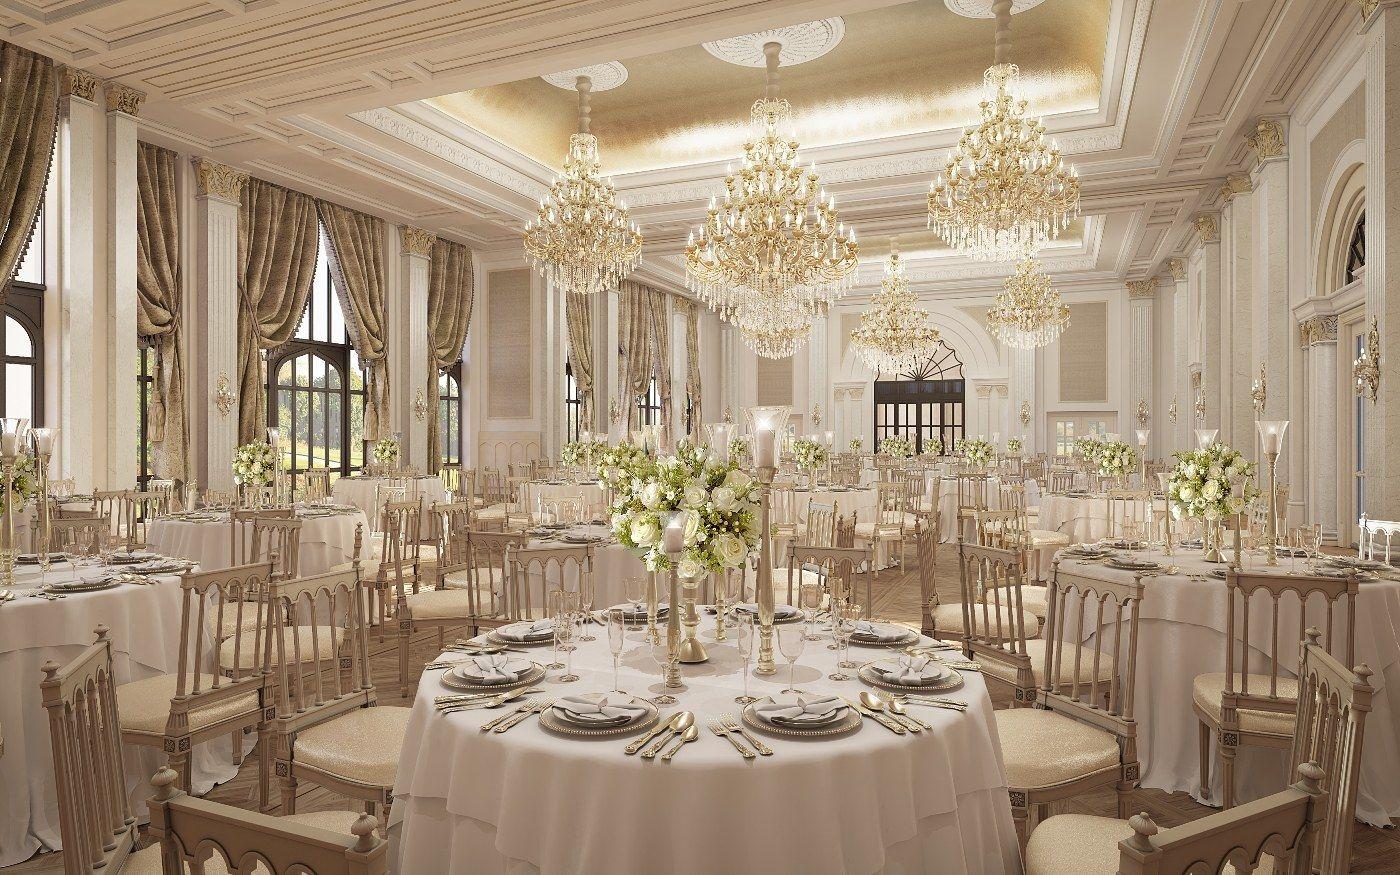 Luxury Castle Hotel Weddings In Ireland Adare Manor Wedding Venue